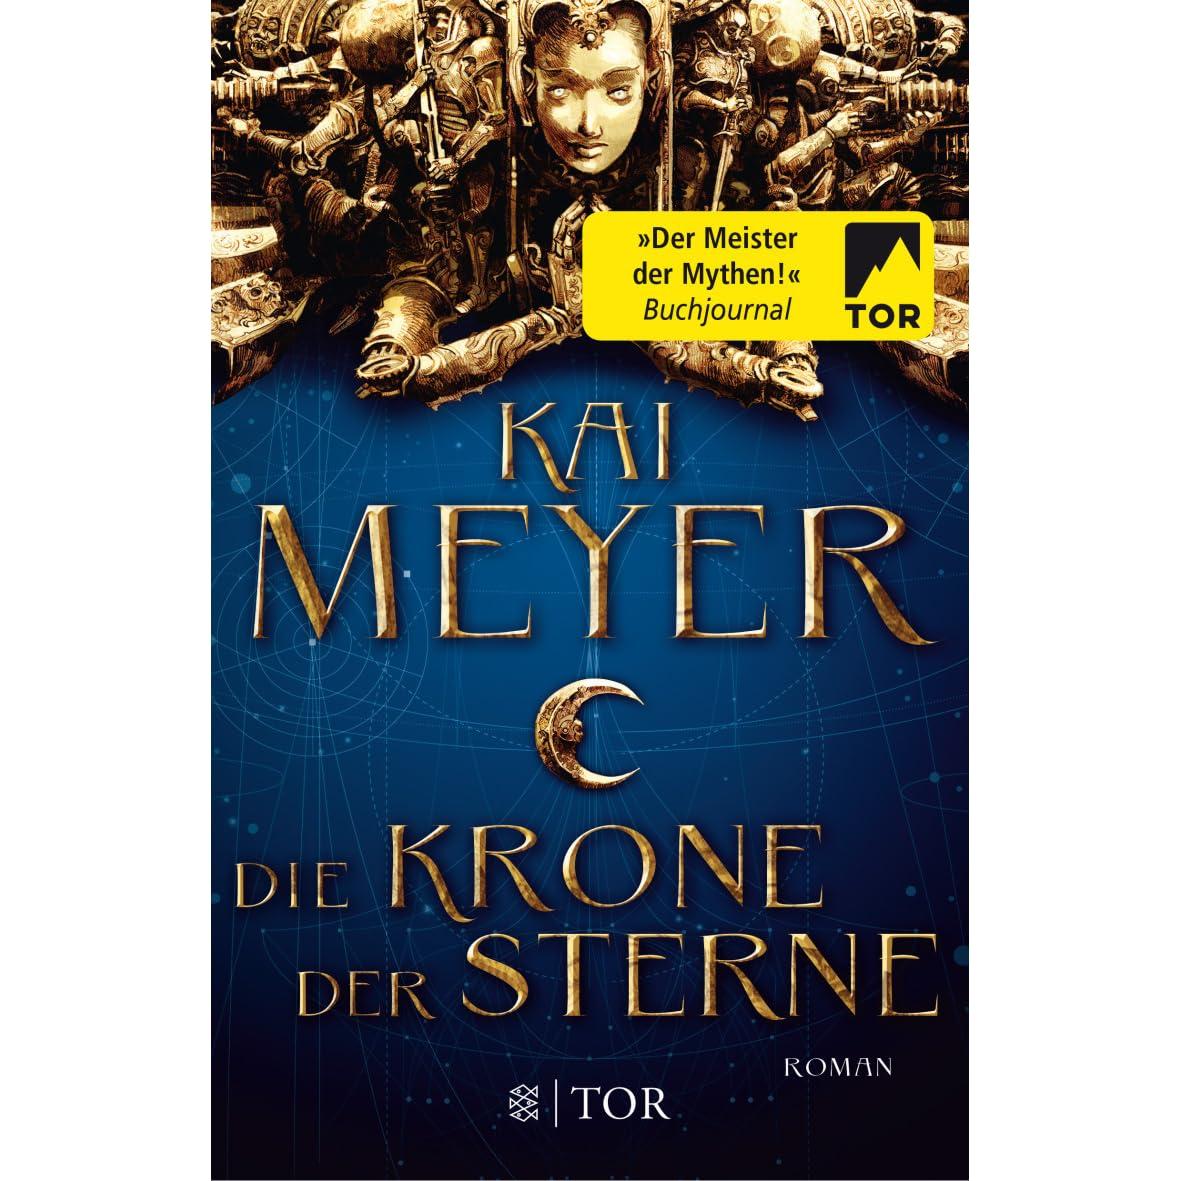 die krone der sterne (die krone der sterne, #1) by kai meyer, Wohnzimmer dekoo